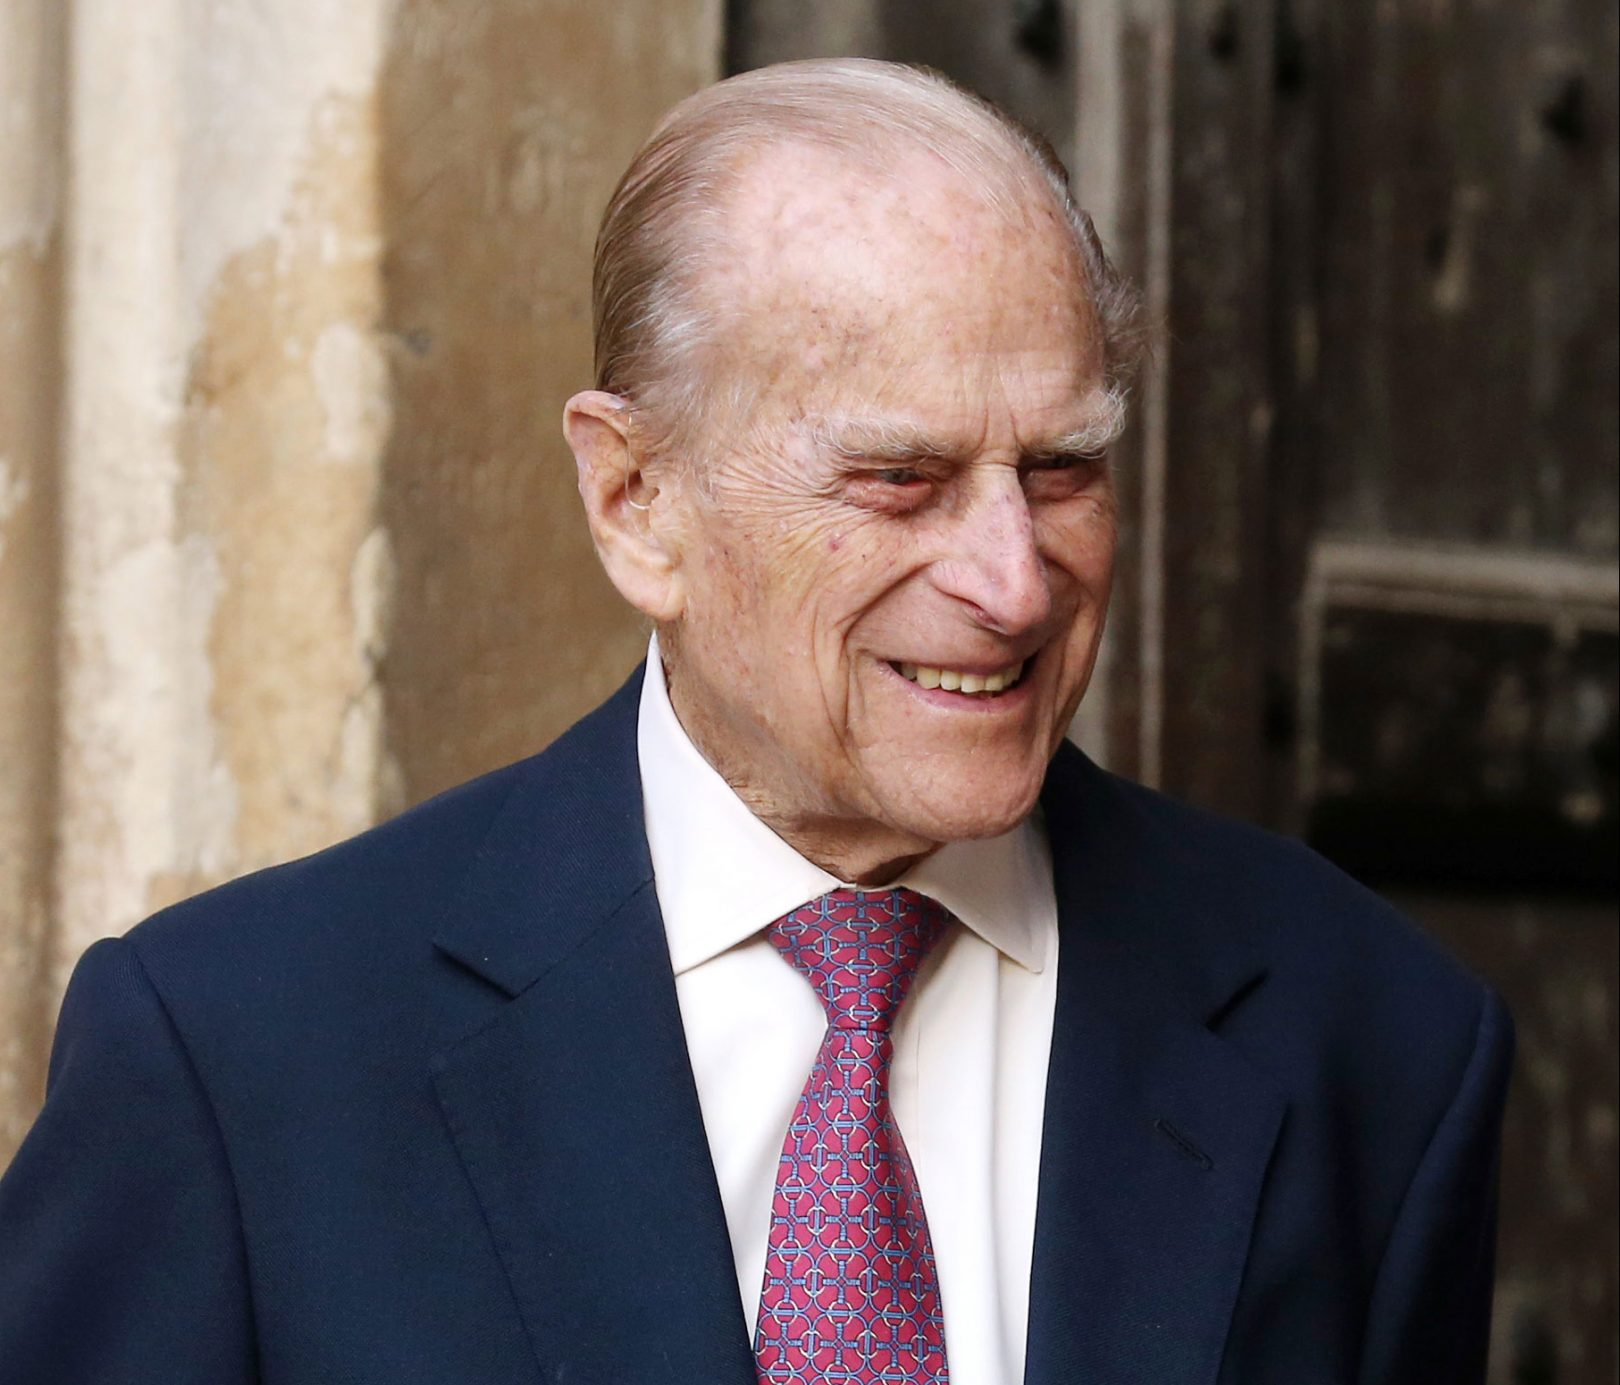 Prince Philip Há Novidades Sobre O Estado De Saúde Do Príncipe Filipe